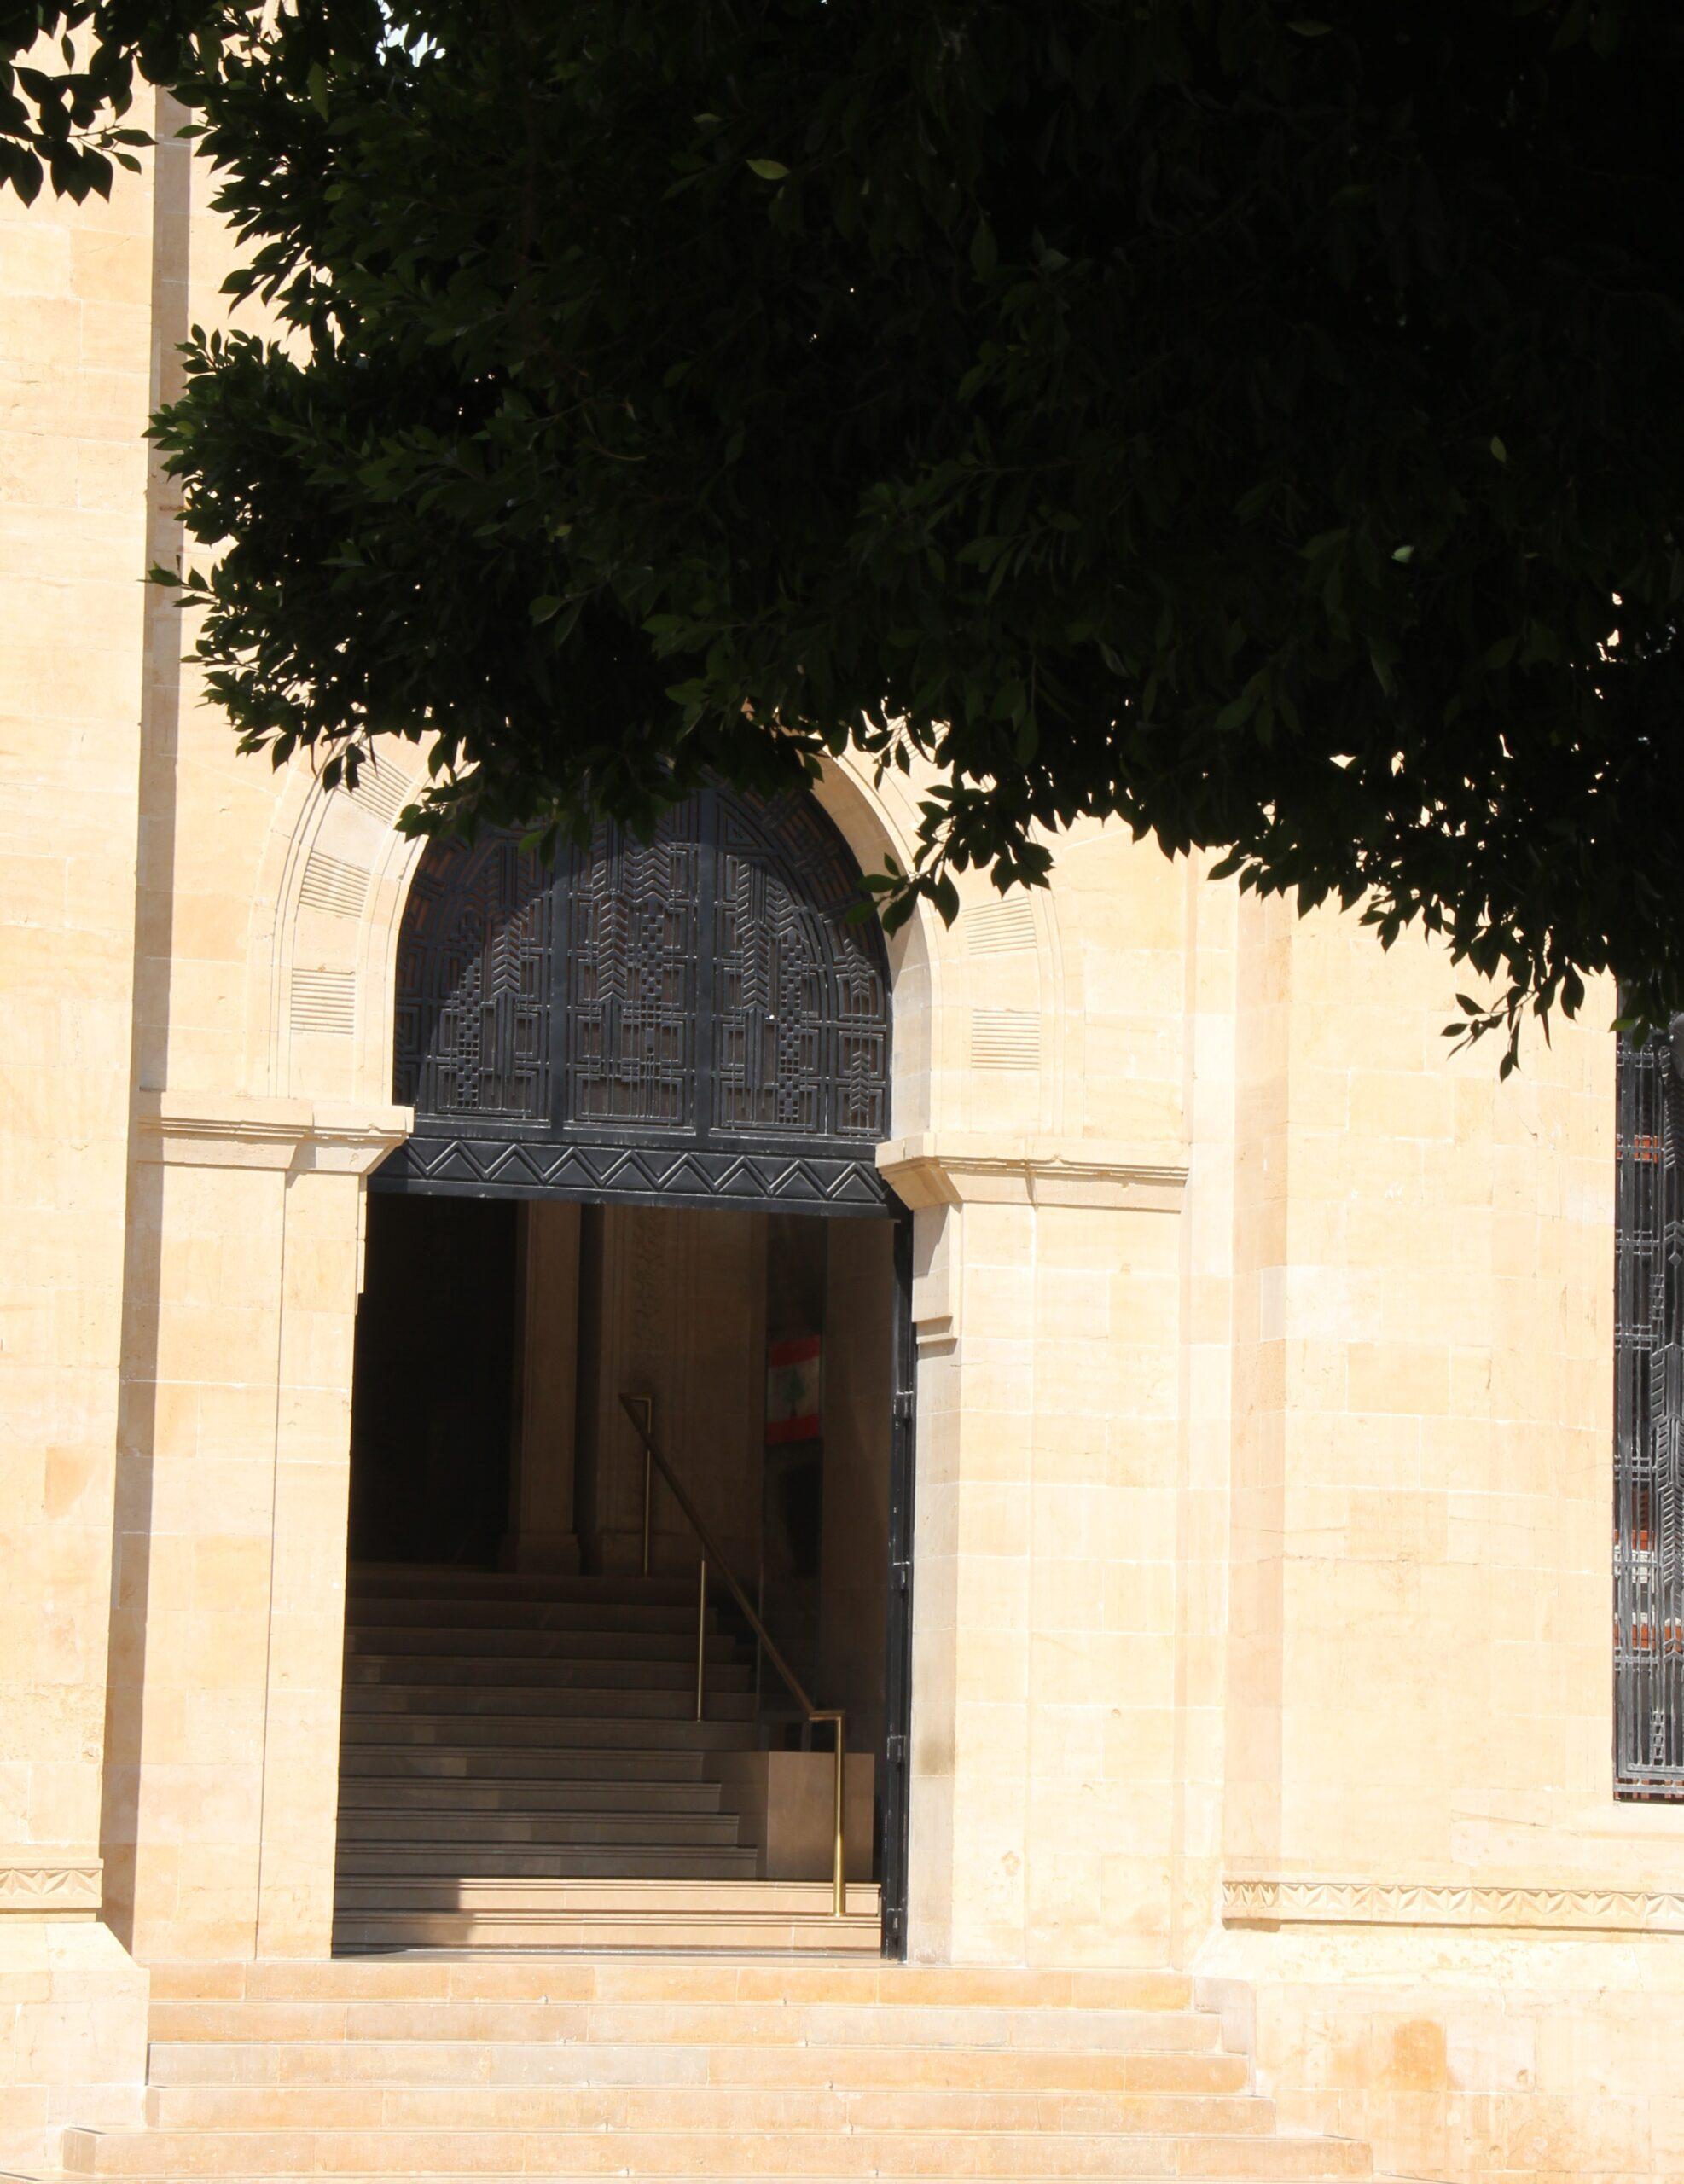 الجلسة الرقابية الأولى لنواب لبنان منذ 8 سنوات (1): الحريري واثق بقدرة لبنان على إنشاء محارق … وسكك حديد مثل أوروبا